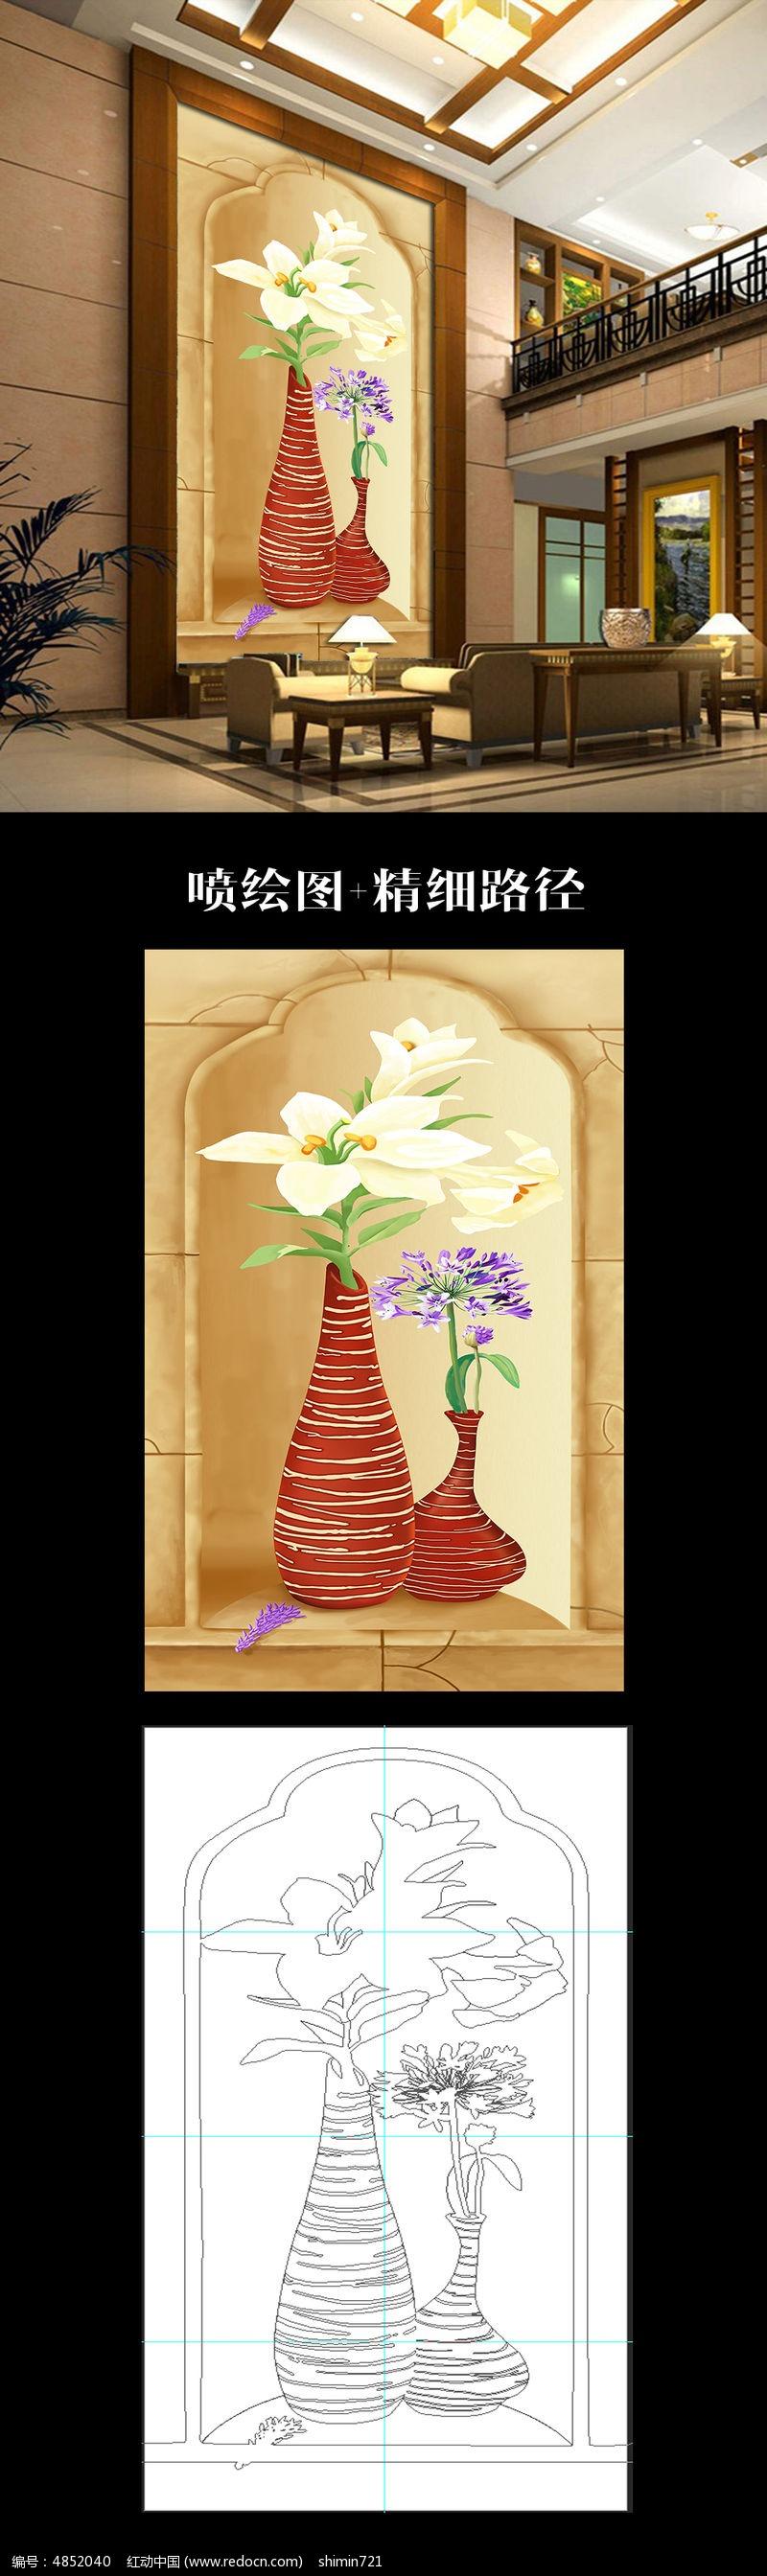 百合花瓶欧式玄关路径生产图